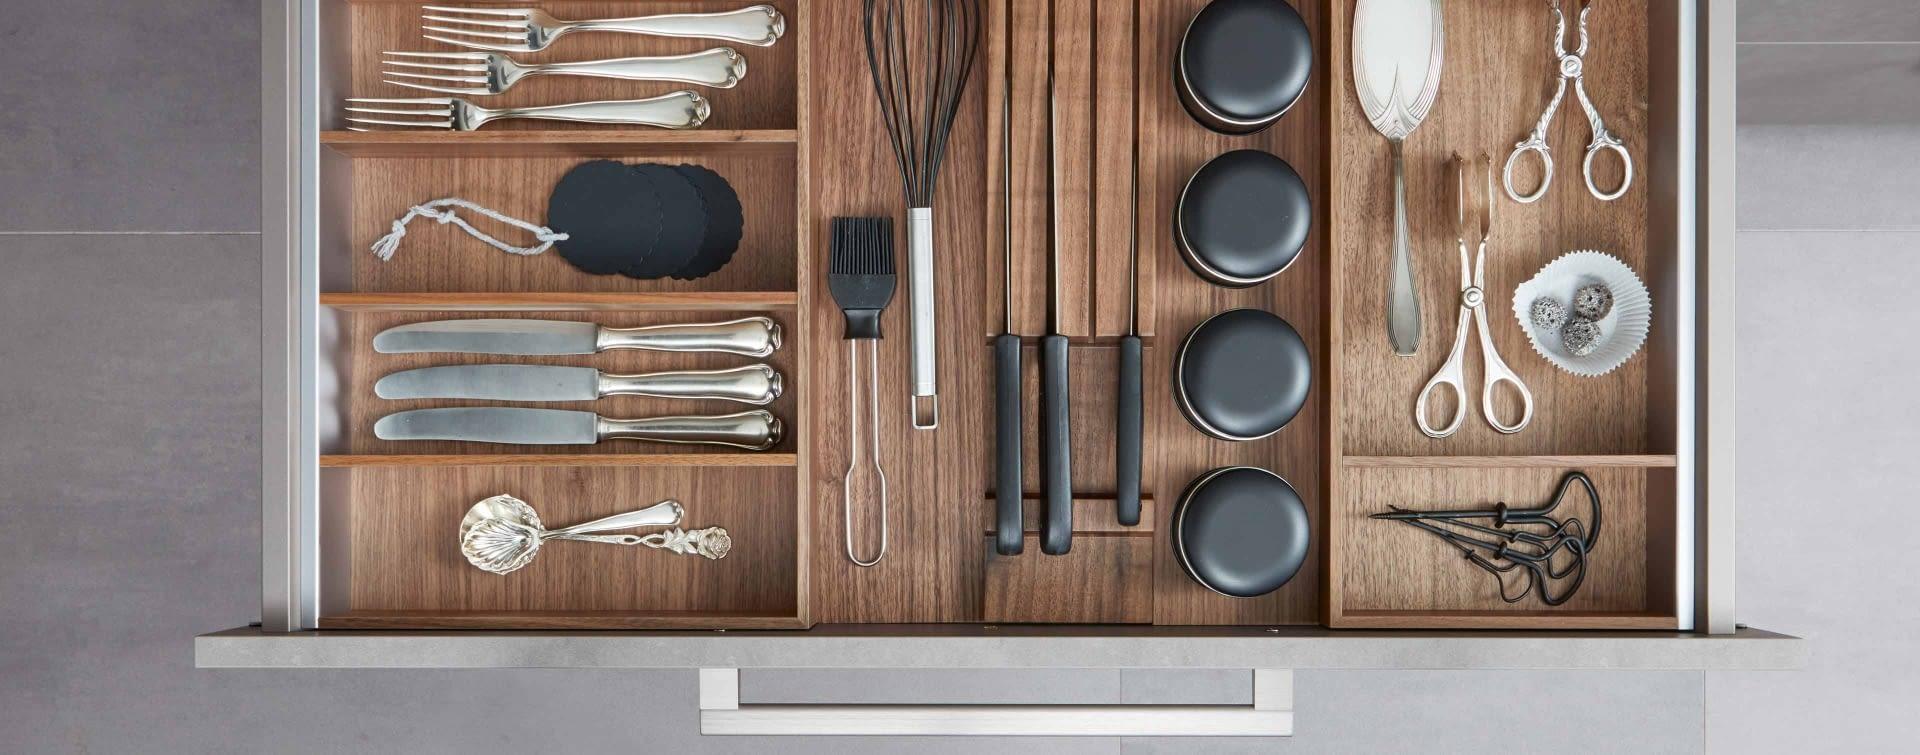 Ordnung in der Küche - Marquardt Küchen